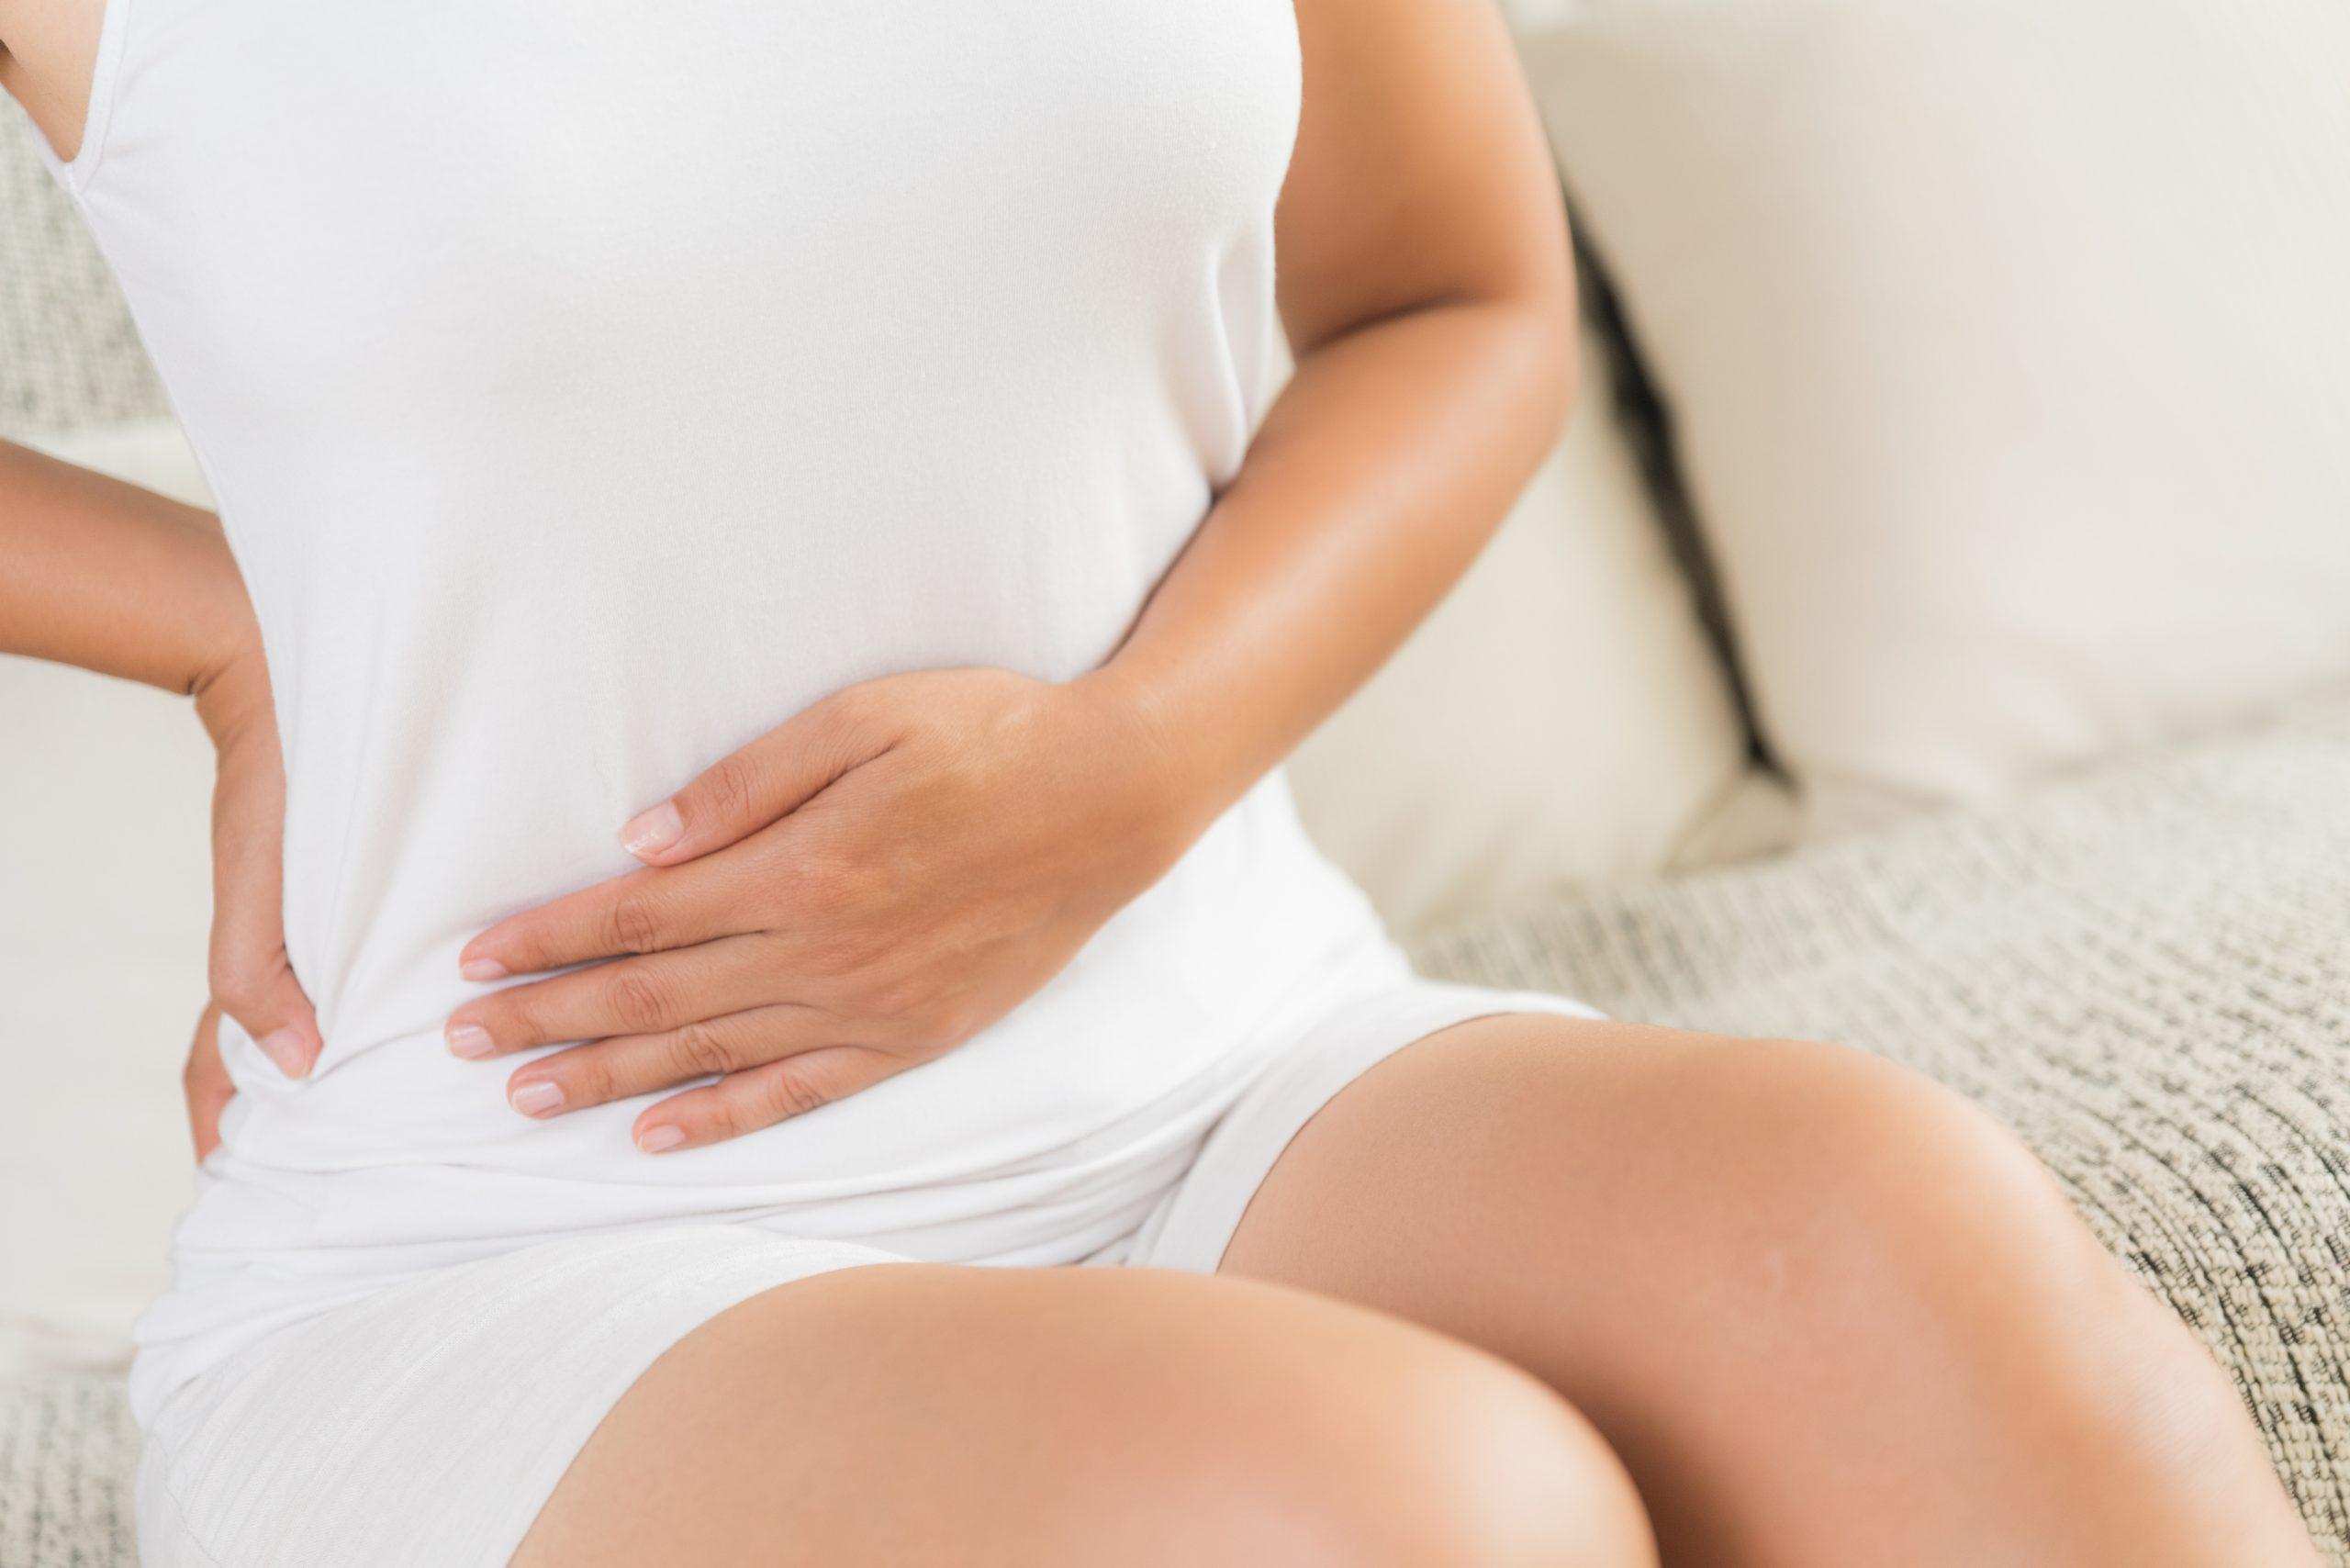 Диета на кашах при заболеваниях желудка